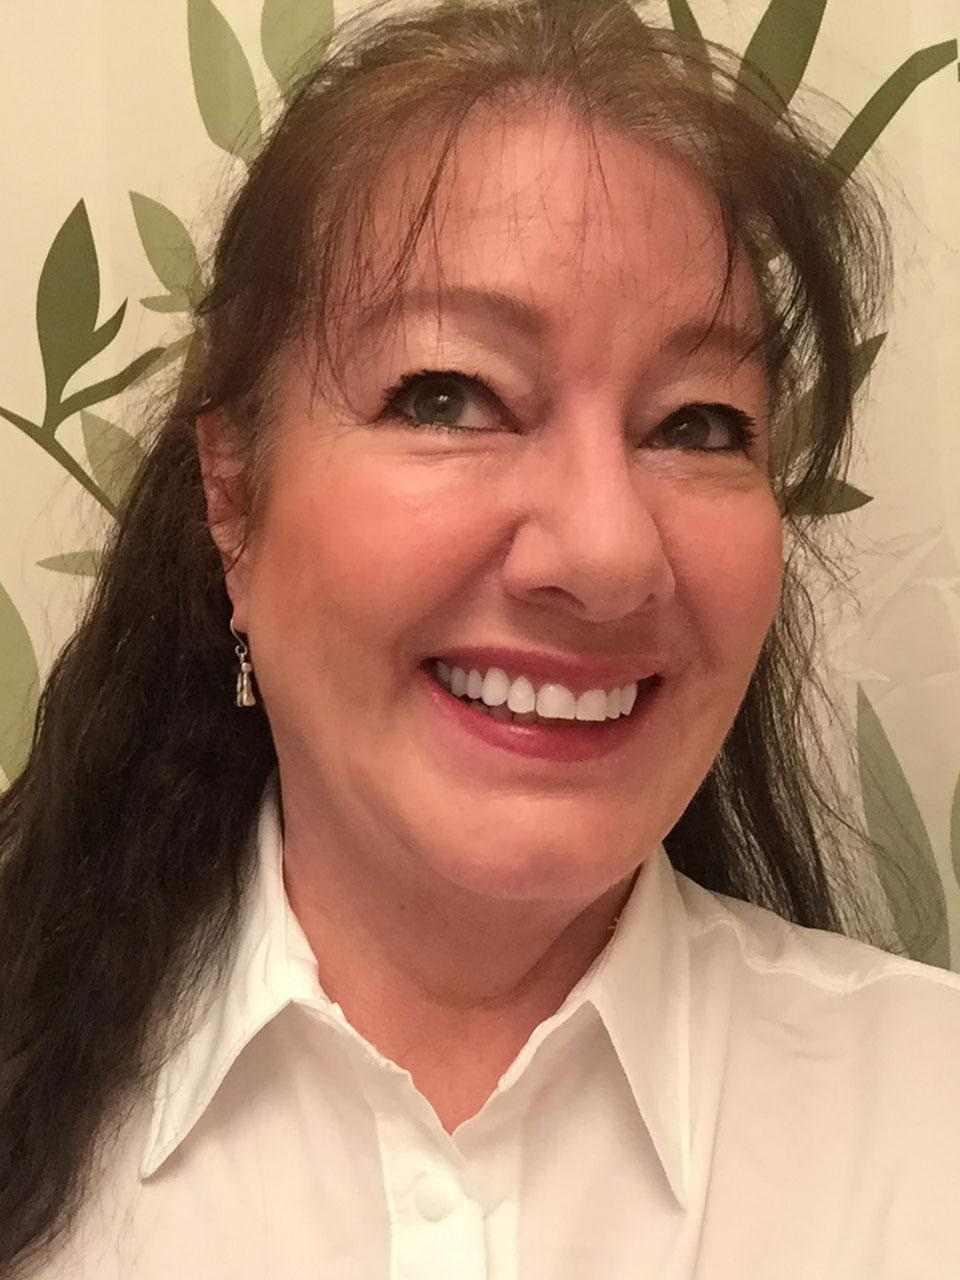 Karen Fleischbein